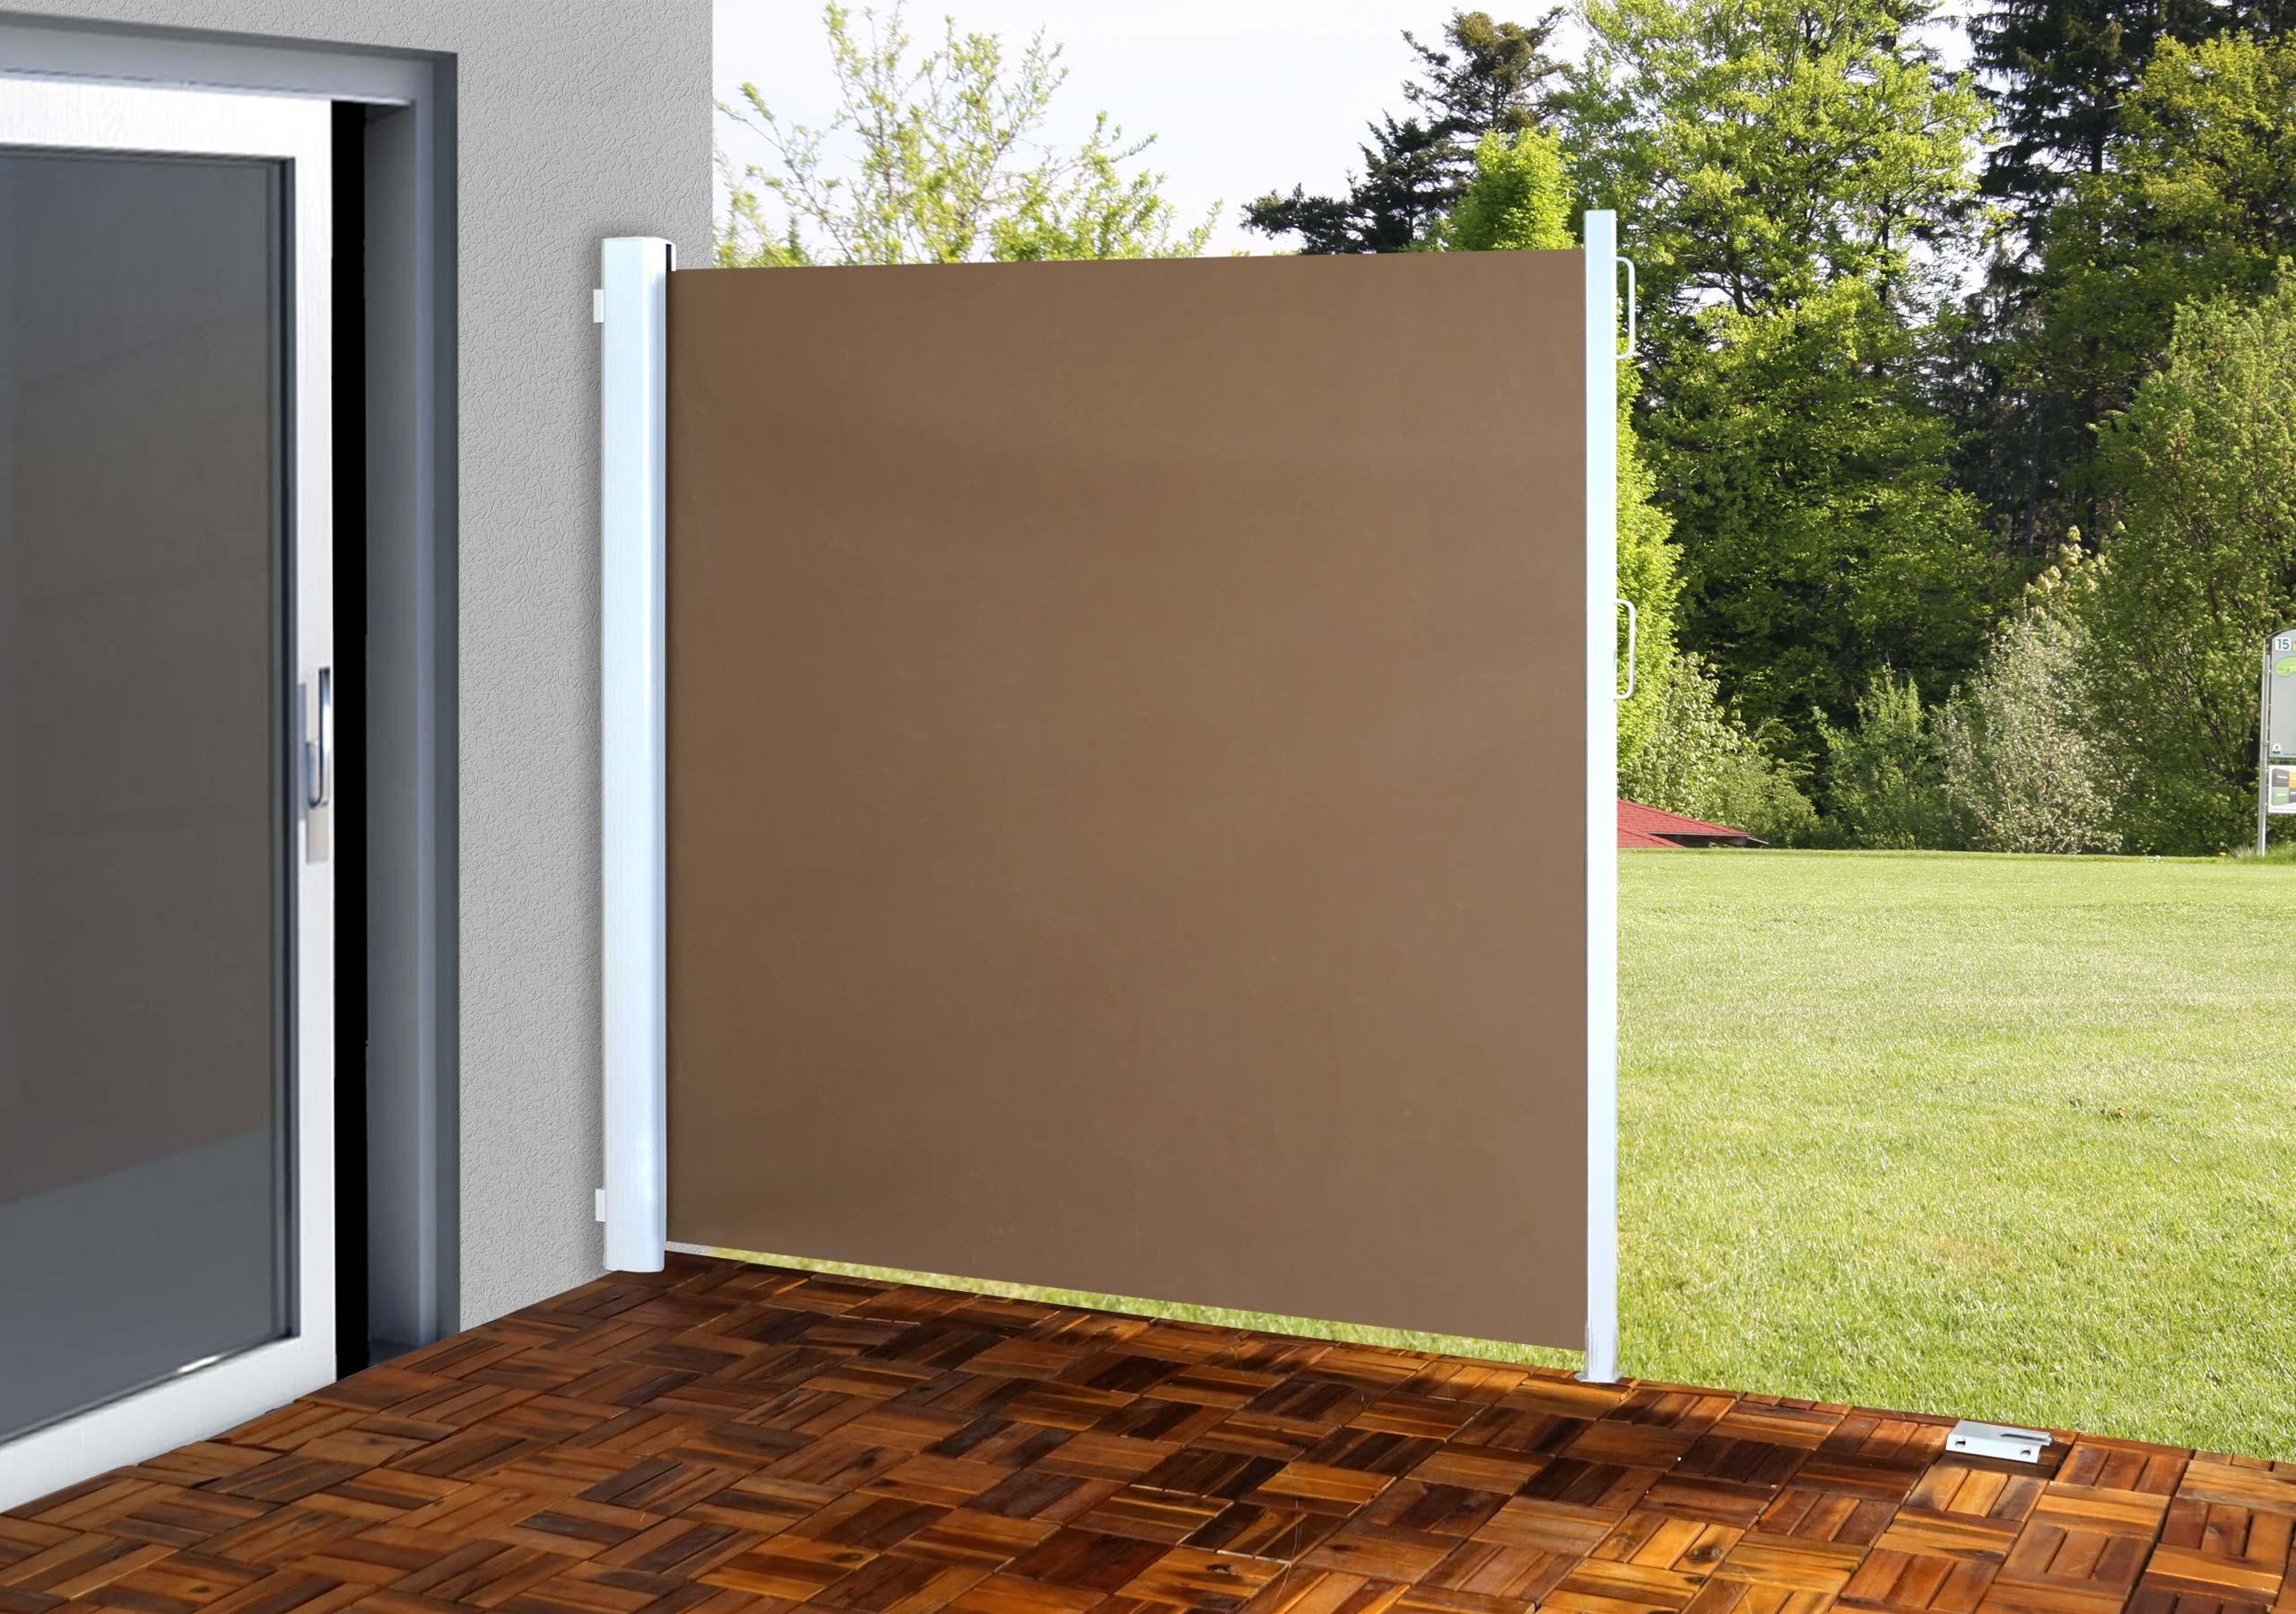 seitenmarkise t140 sichtschutz sonnenschutz windschutz. Black Bedroom Furniture Sets. Home Design Ideas